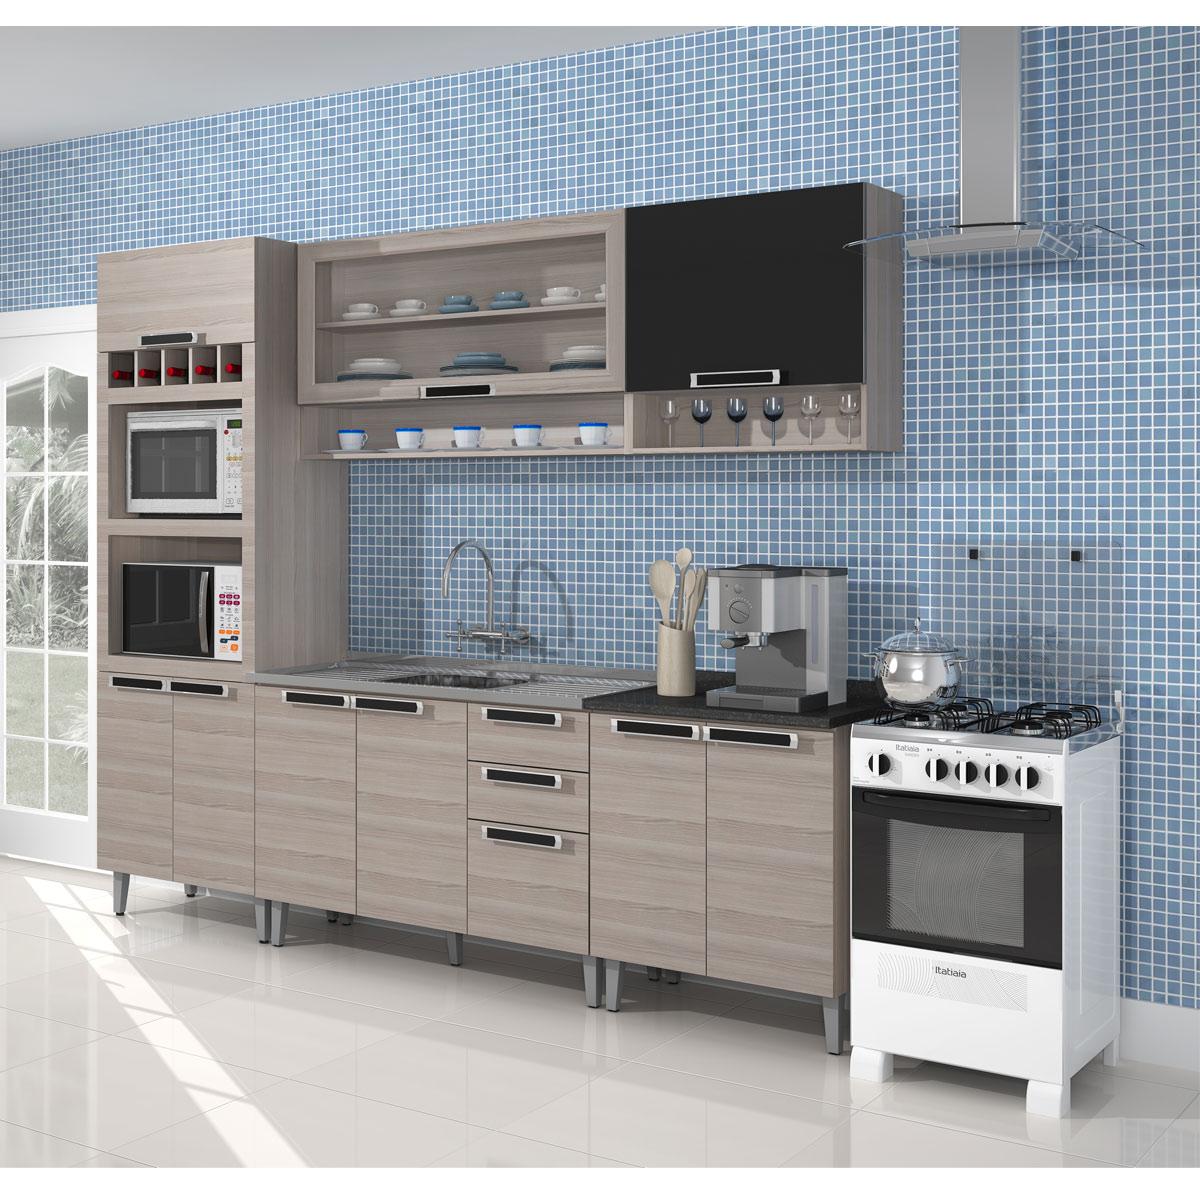 #4C677F Cozinhas Completas Diferentes Modelos e Marcas Ideias Mix 1200x1200 px Armario De Cozinha Compacta De Canto #1943 imagens